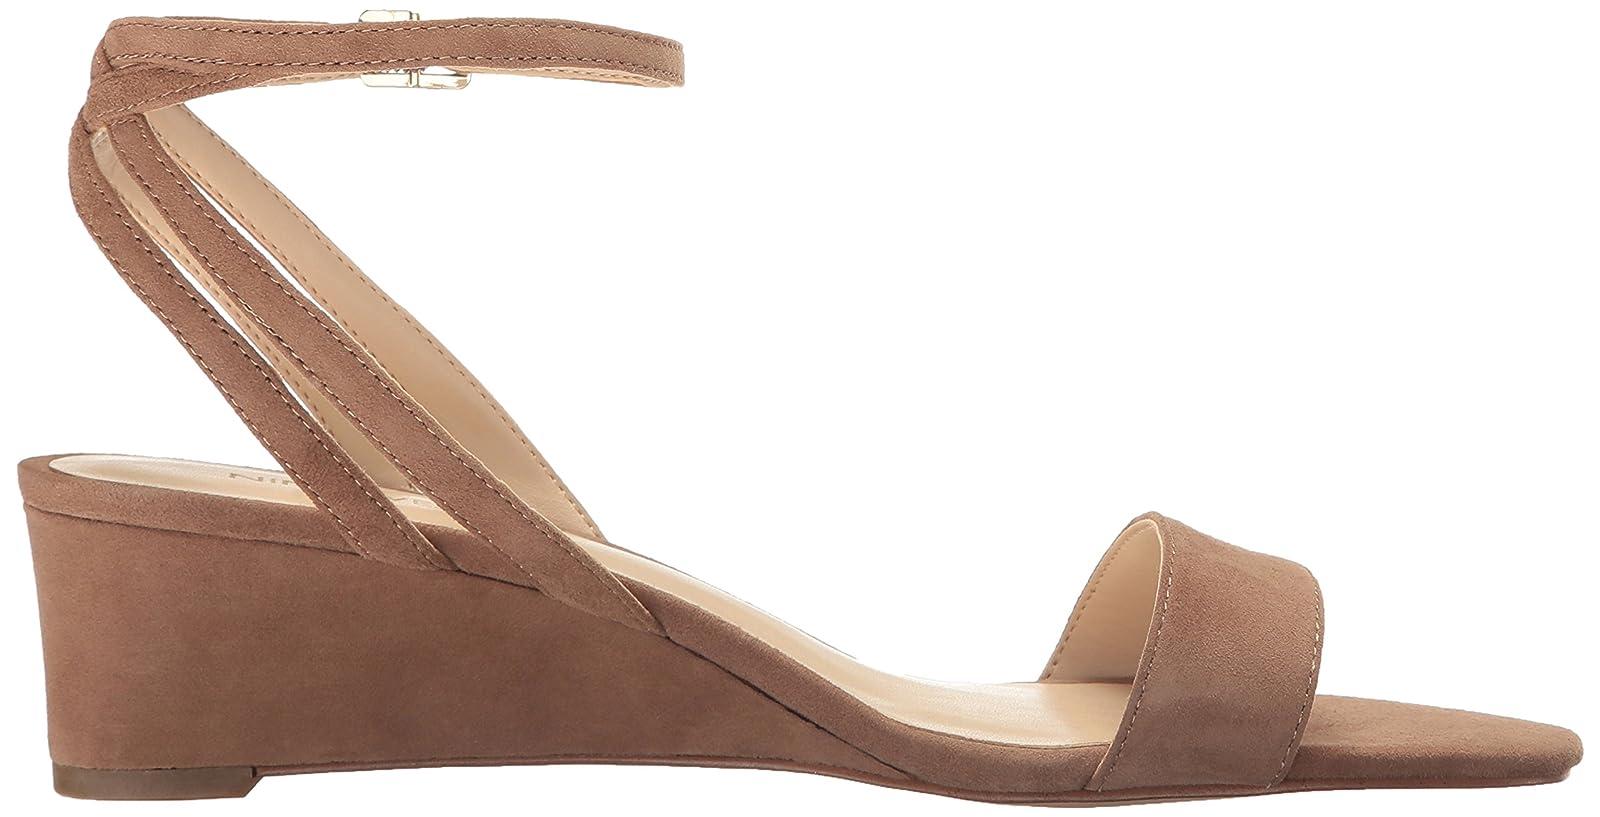 Nine West Women's Lewer Suede Wedge Sandal 8 M US - 7